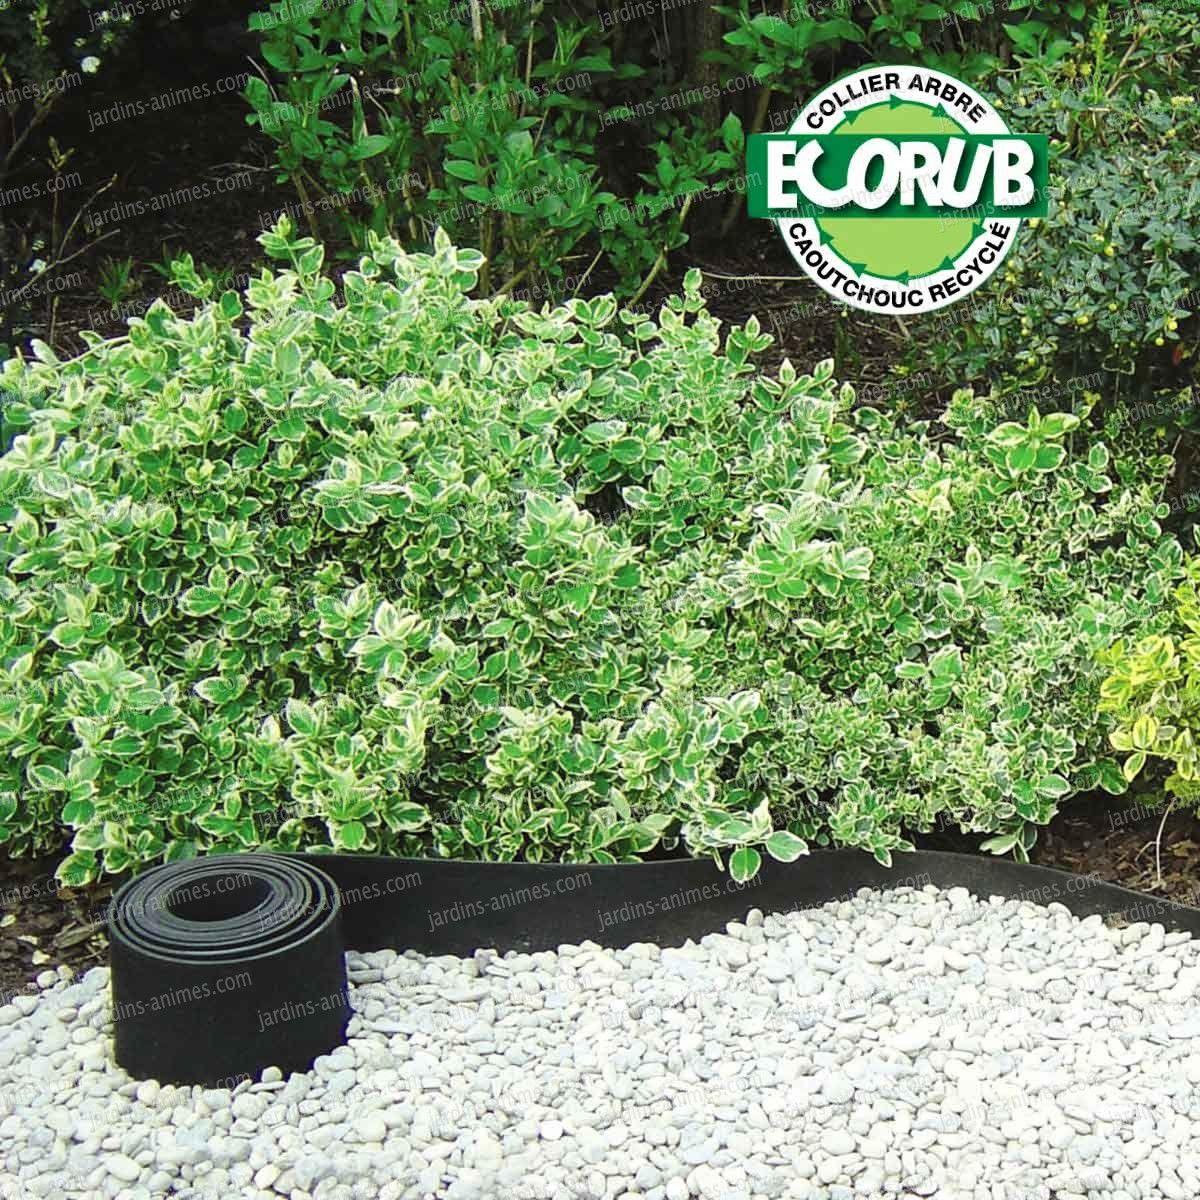 Bordure caoutchouc recyclé Gazon 5mx13cm   Gardens